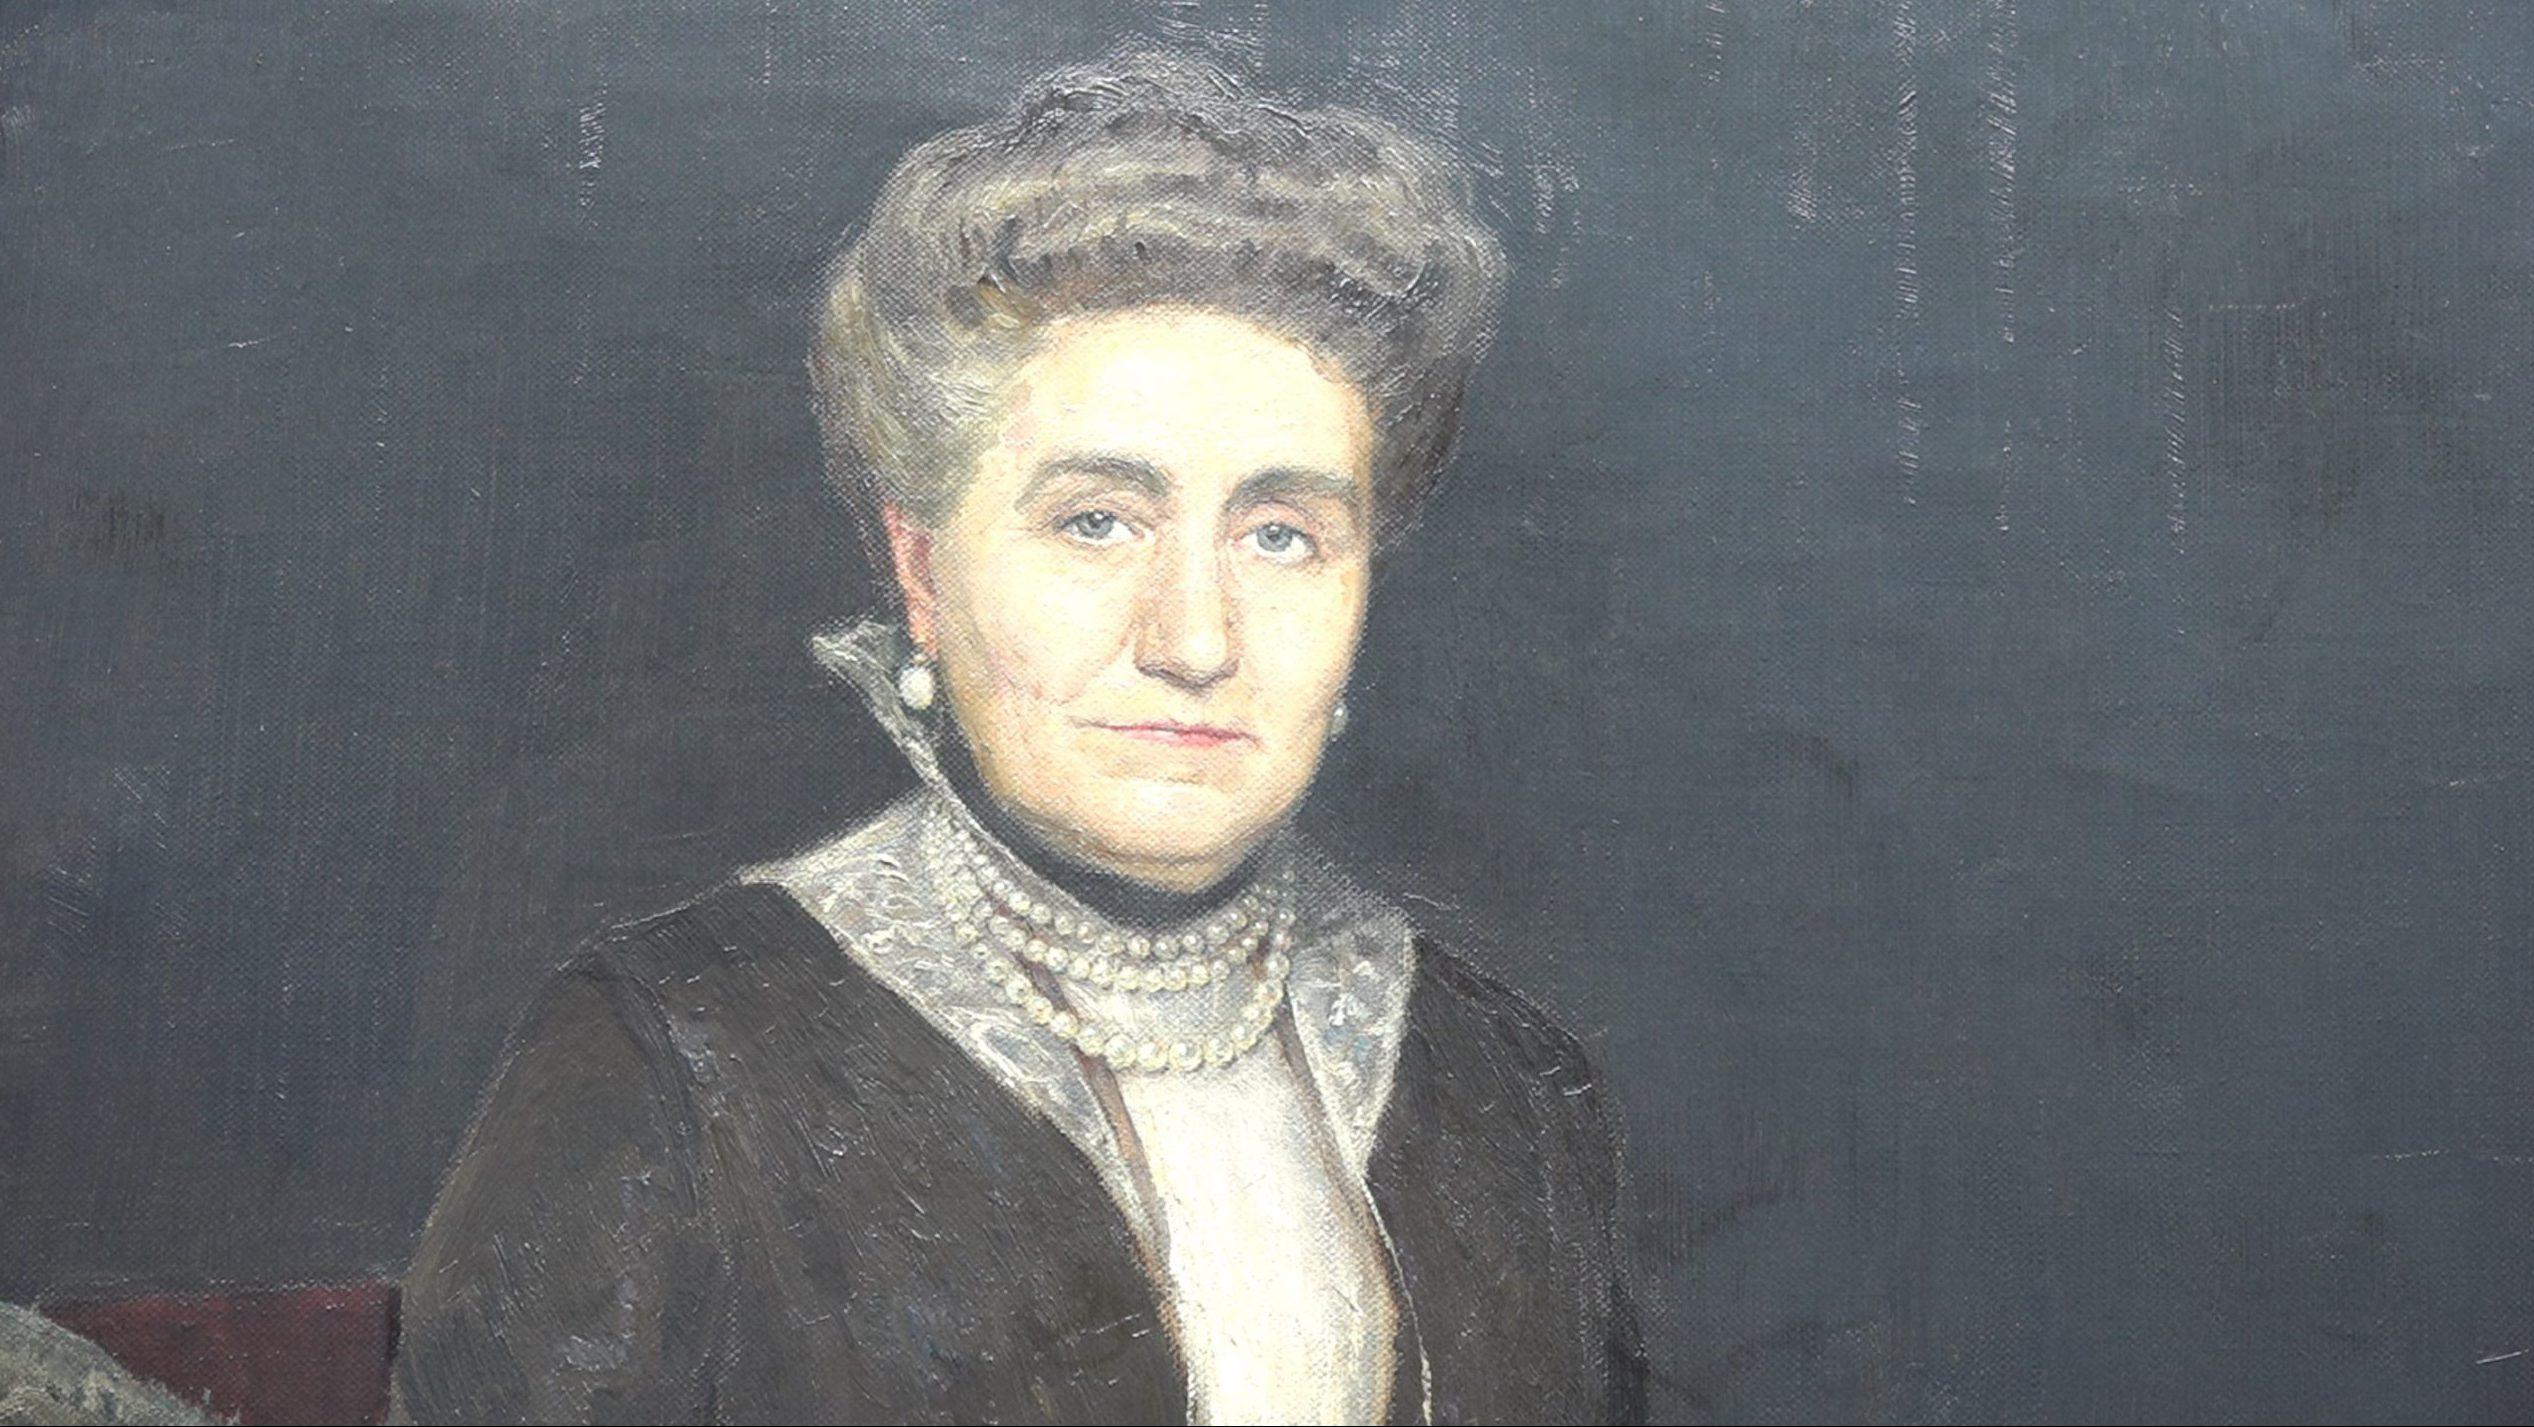 Herzlichen Glückwunsch Laura Oelbermann – Ein Gruß zum 175. Geburtstag